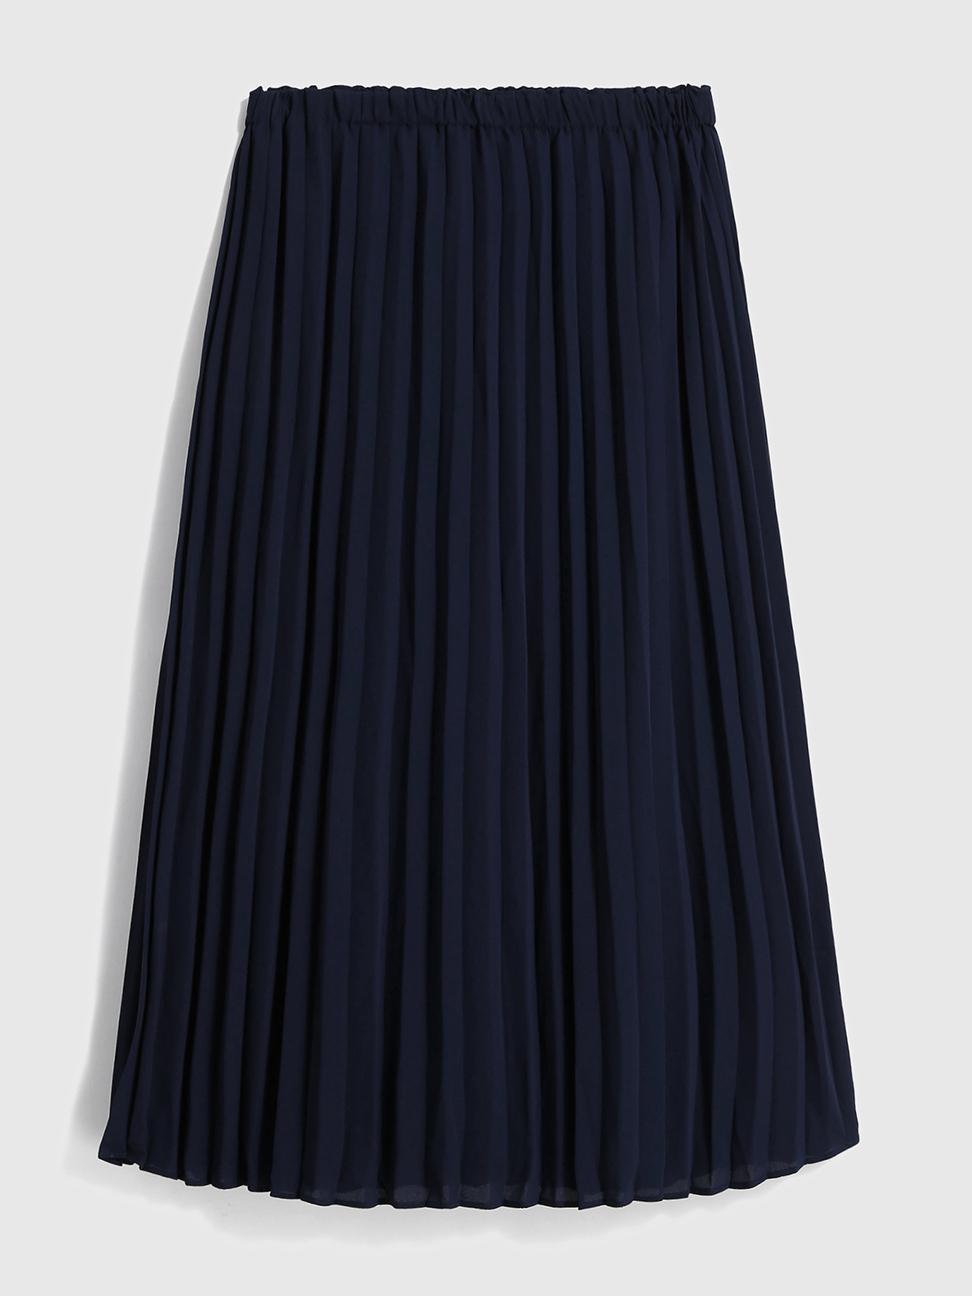 女裝 清爽風格鬆緊梭織百褶裙